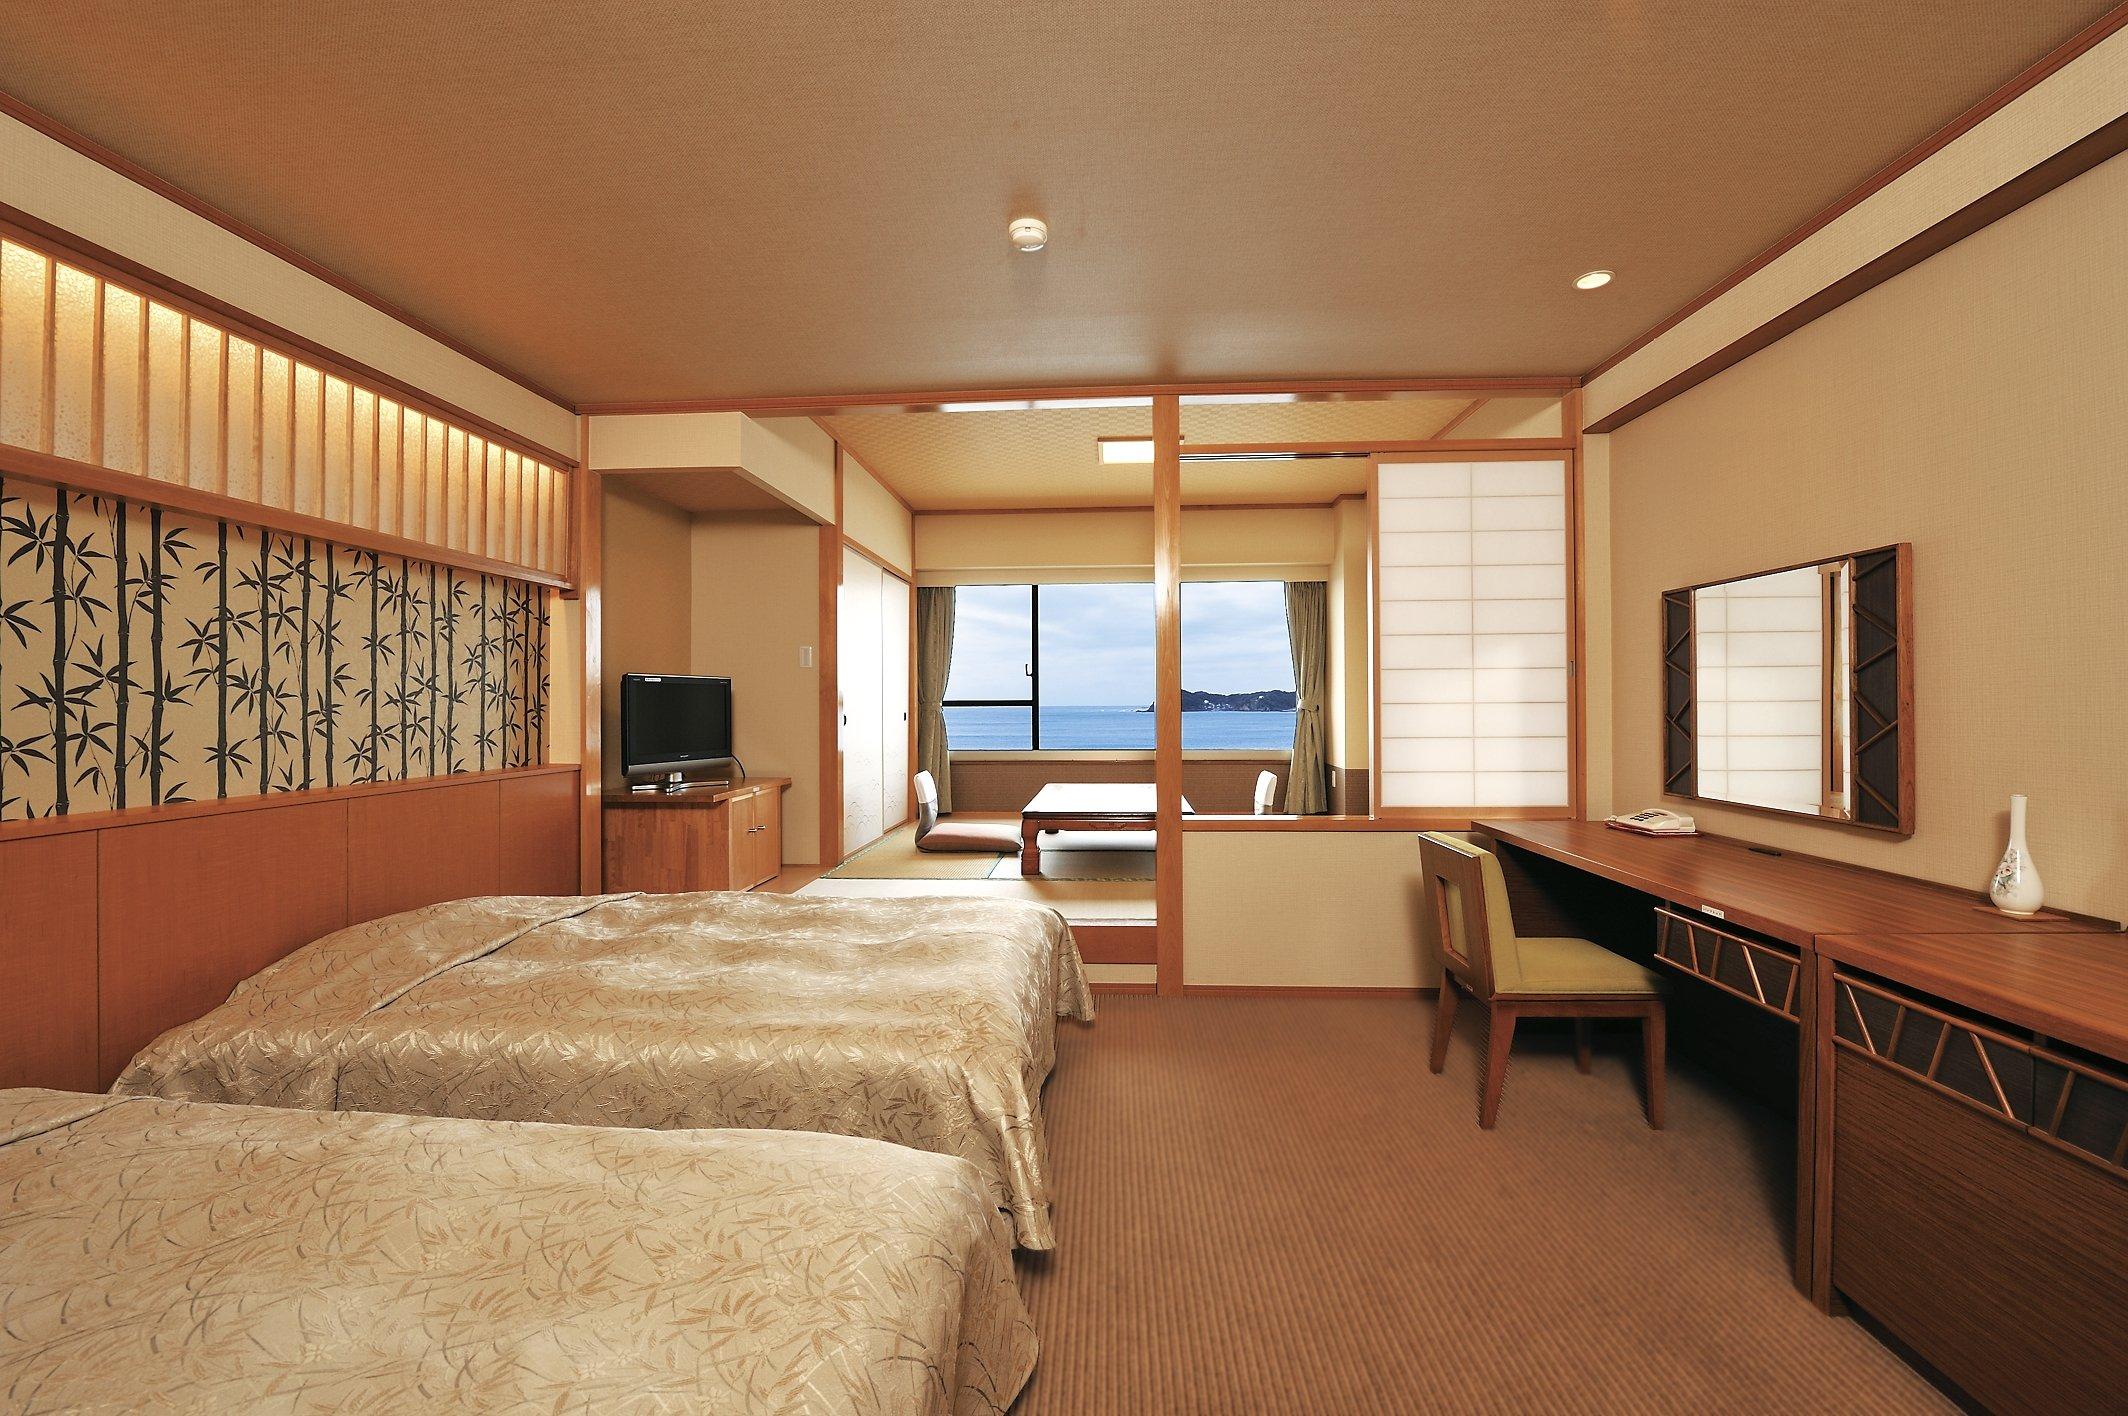 お部屋 | 勝浦ホテル三日月 | 平日がお得な宿泊予約サイト【ゆめやど】